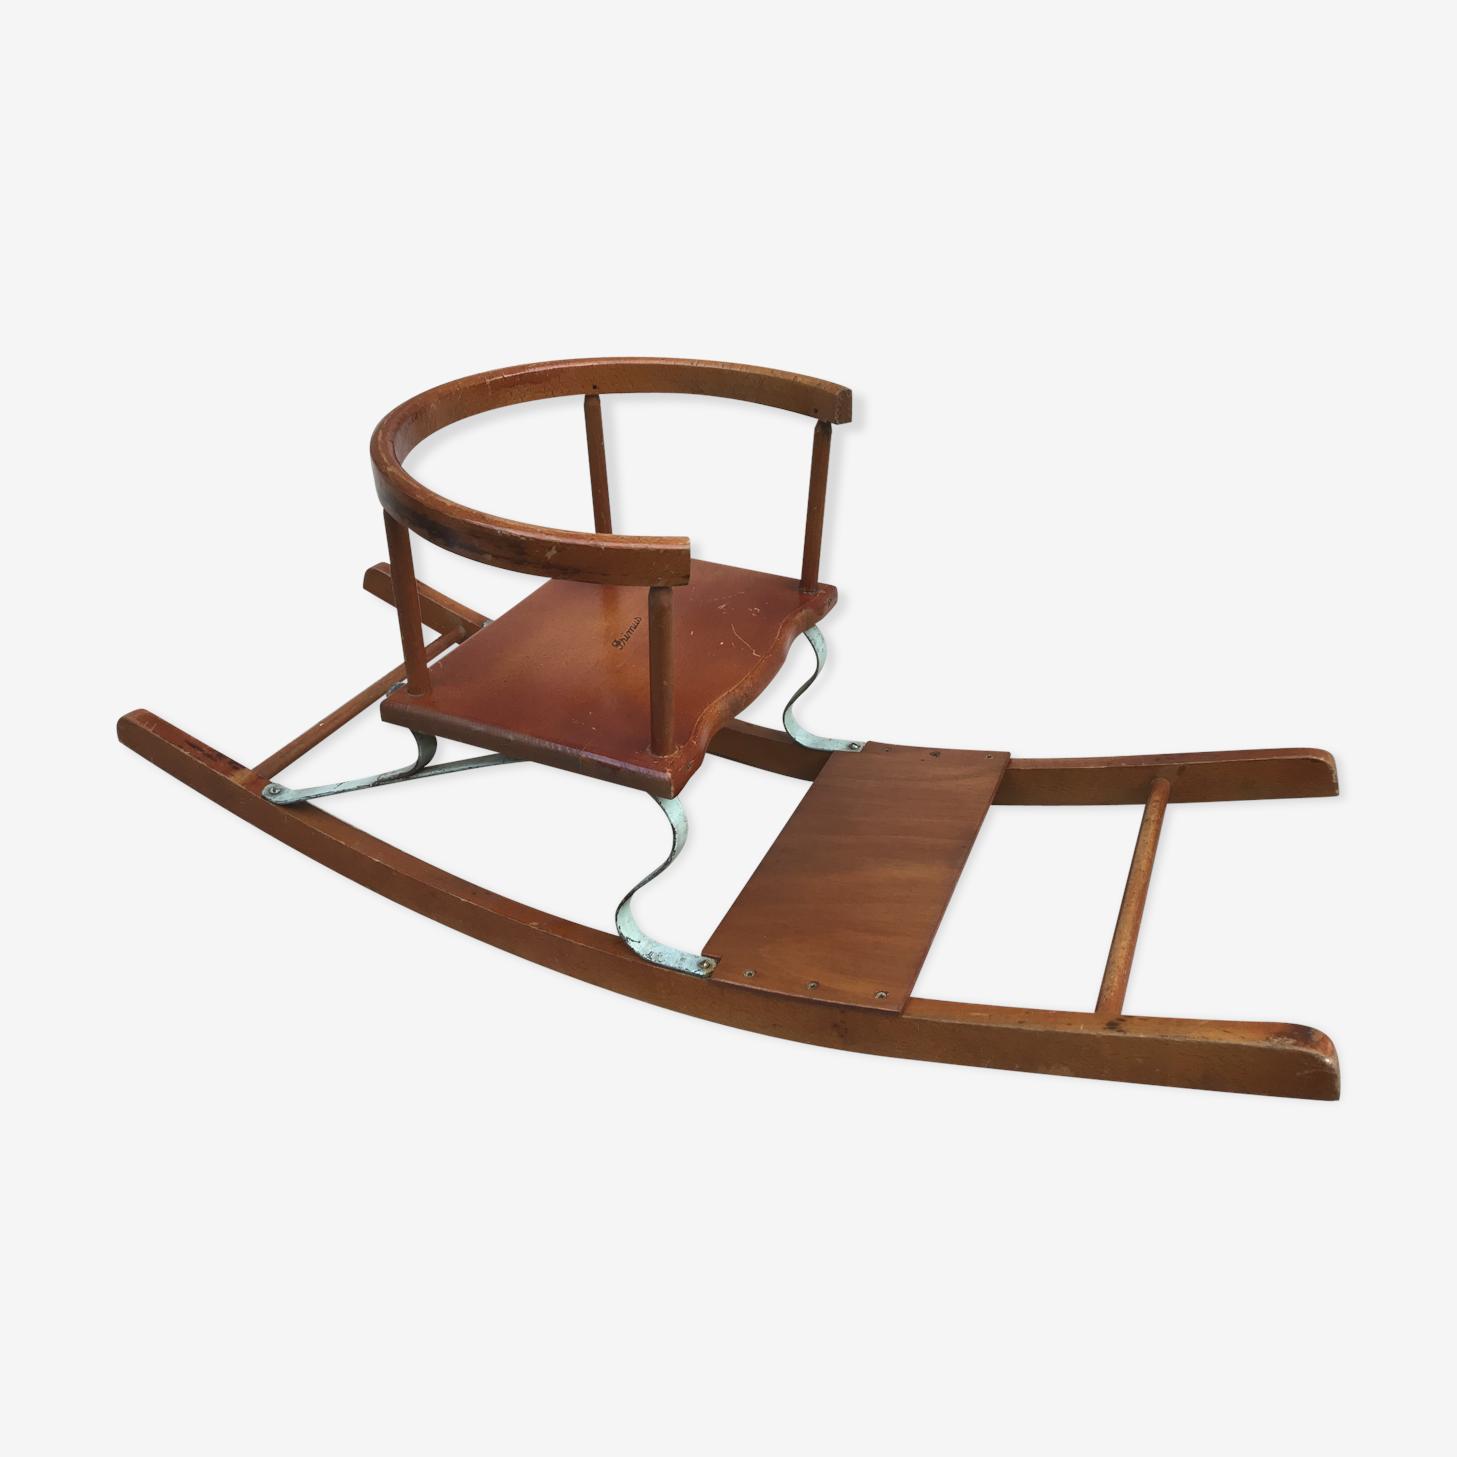 Primus wooden rocking chair